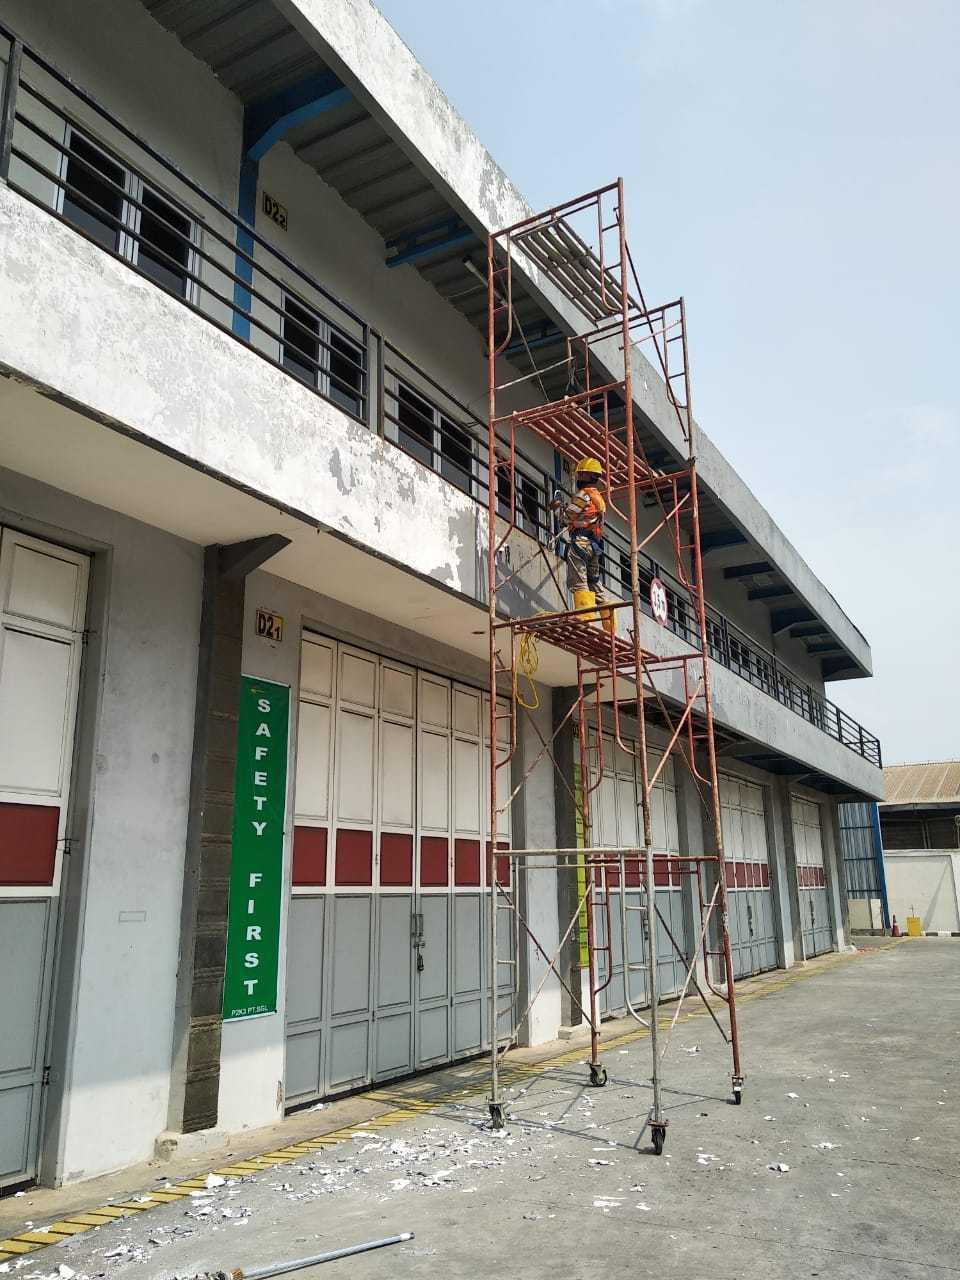 Jet Construction Renovasi Balkon Pt Sgl Kec. Klp. Gading, Kota Jkt Utara, Daerah Khusus Ibukota Jakarta, Indonesia Kec. Klp. Gading, Kota Jkt Utara, Daerah Khusus Ibukota Jakarta, Indonesia Jet-Construction-Renovasi-Balkon-Pt-Sgl   106967